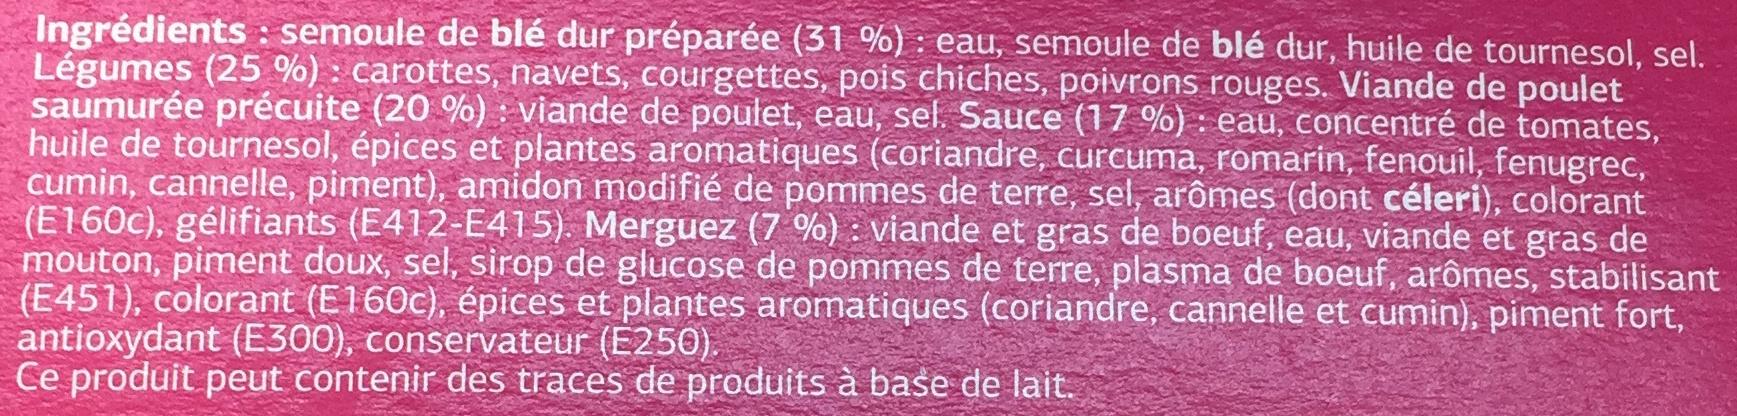 Couscous Volaille Merguez - Ingrédients